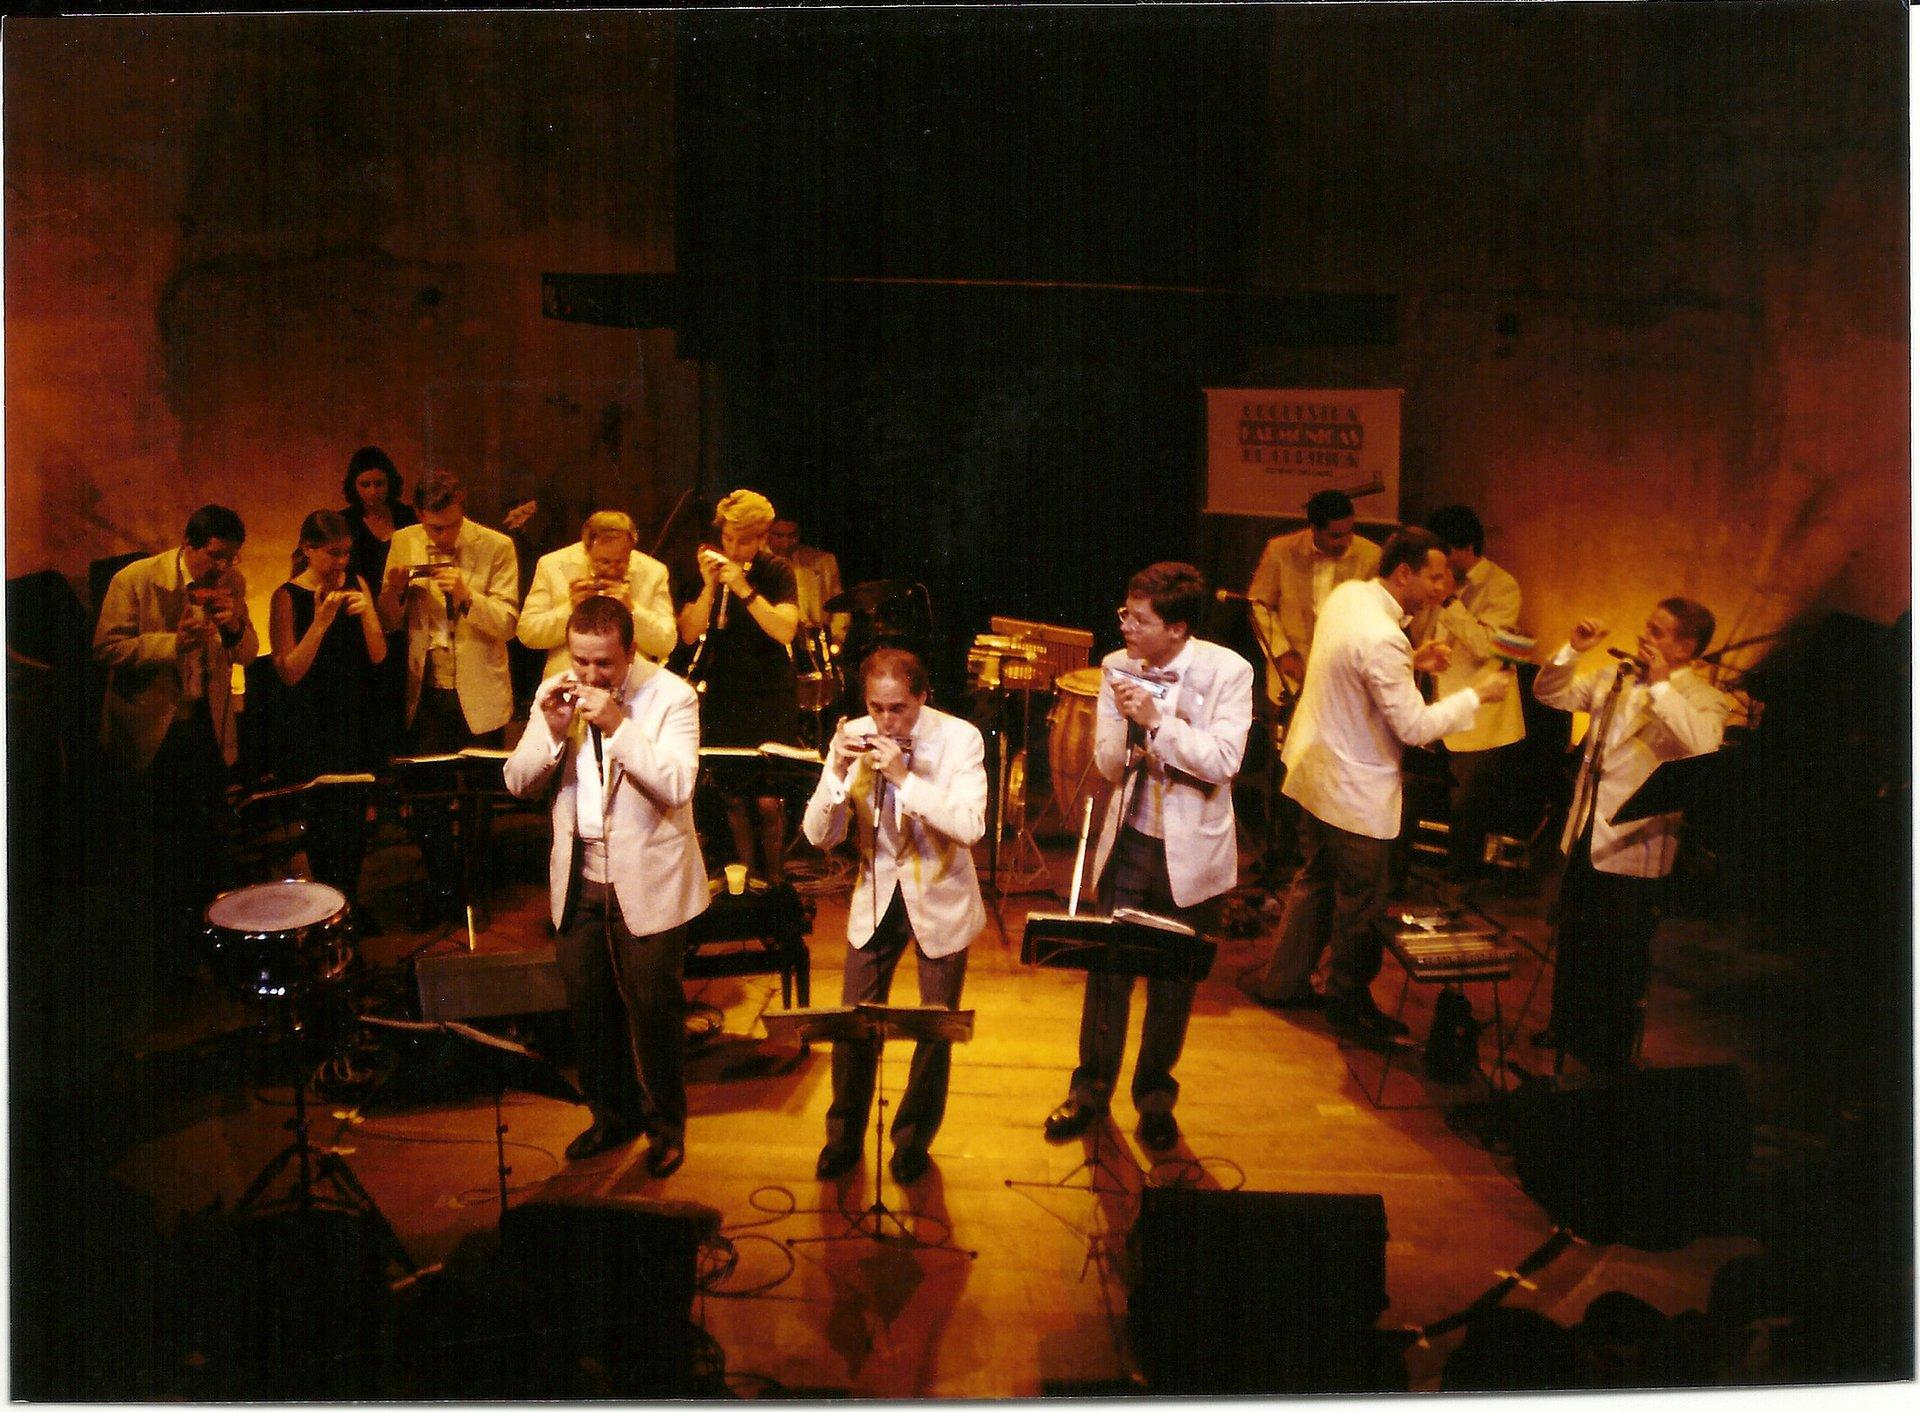 Teatro do Paiol